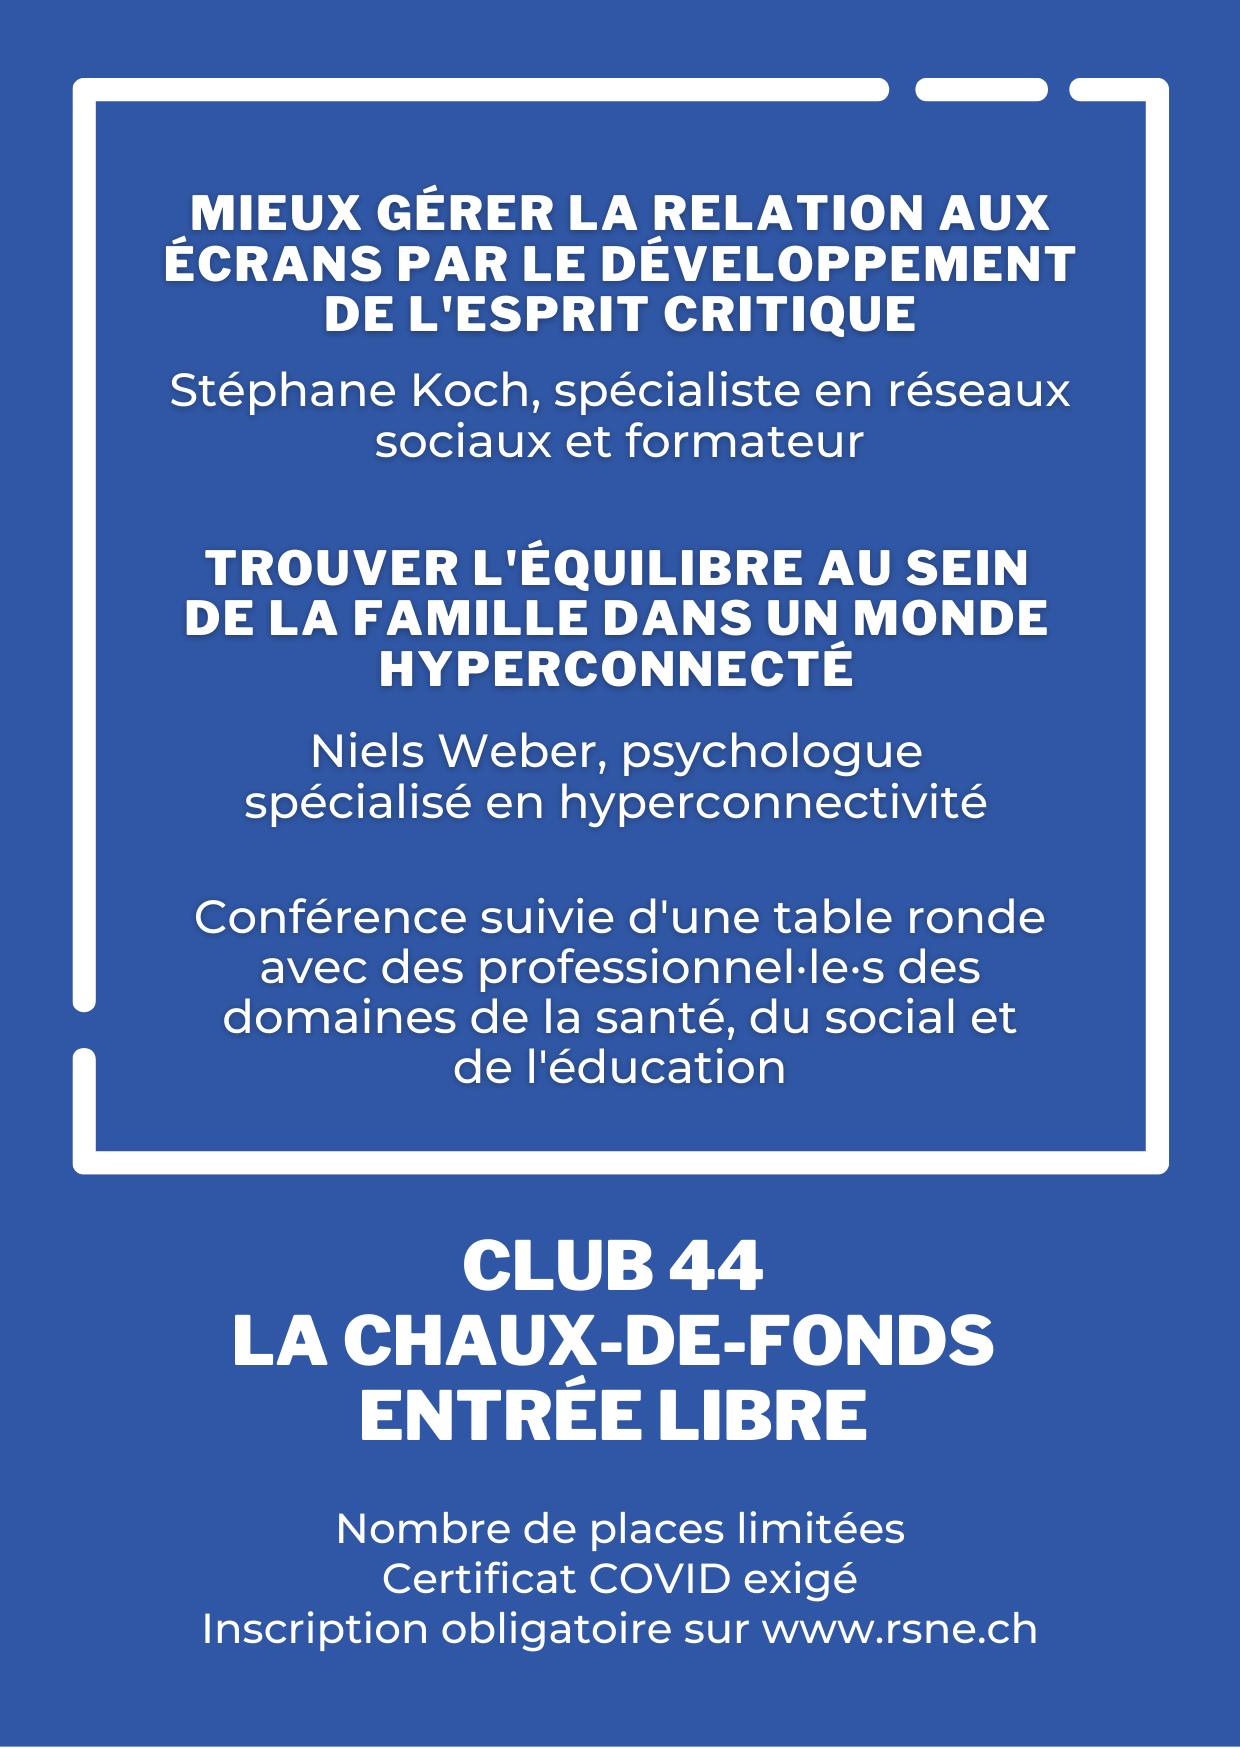 Flyer conférence RSN 2021_page 2